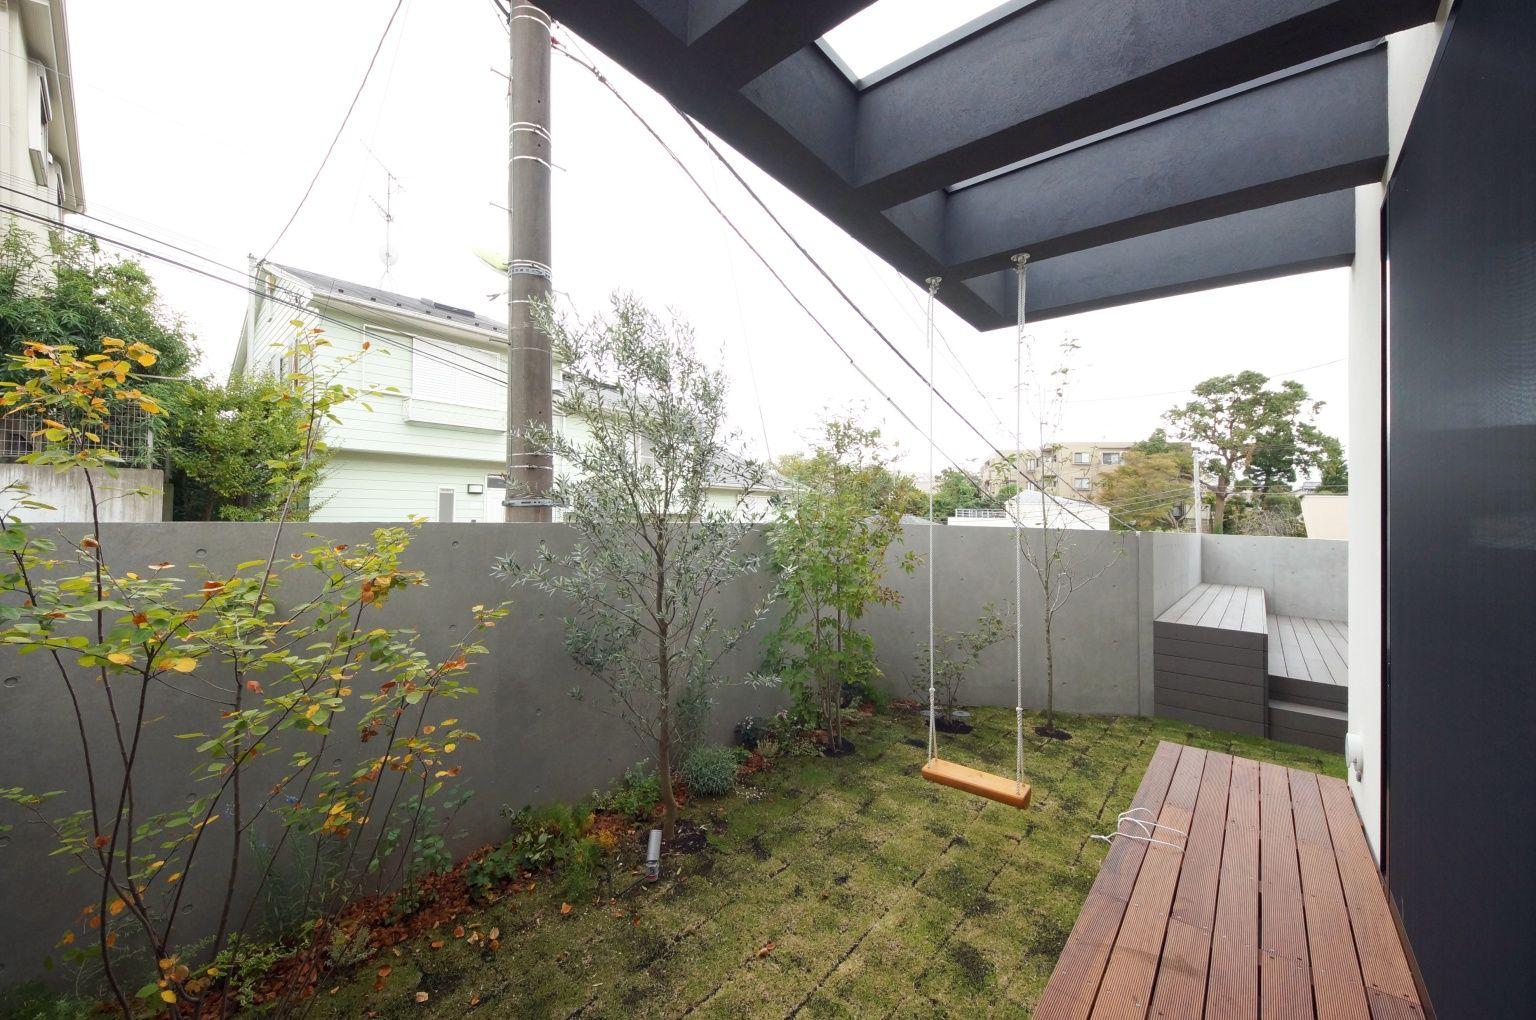 自然を取り込む都市の家 ブランコのある庭 重量木骨の家 選ばれた工務